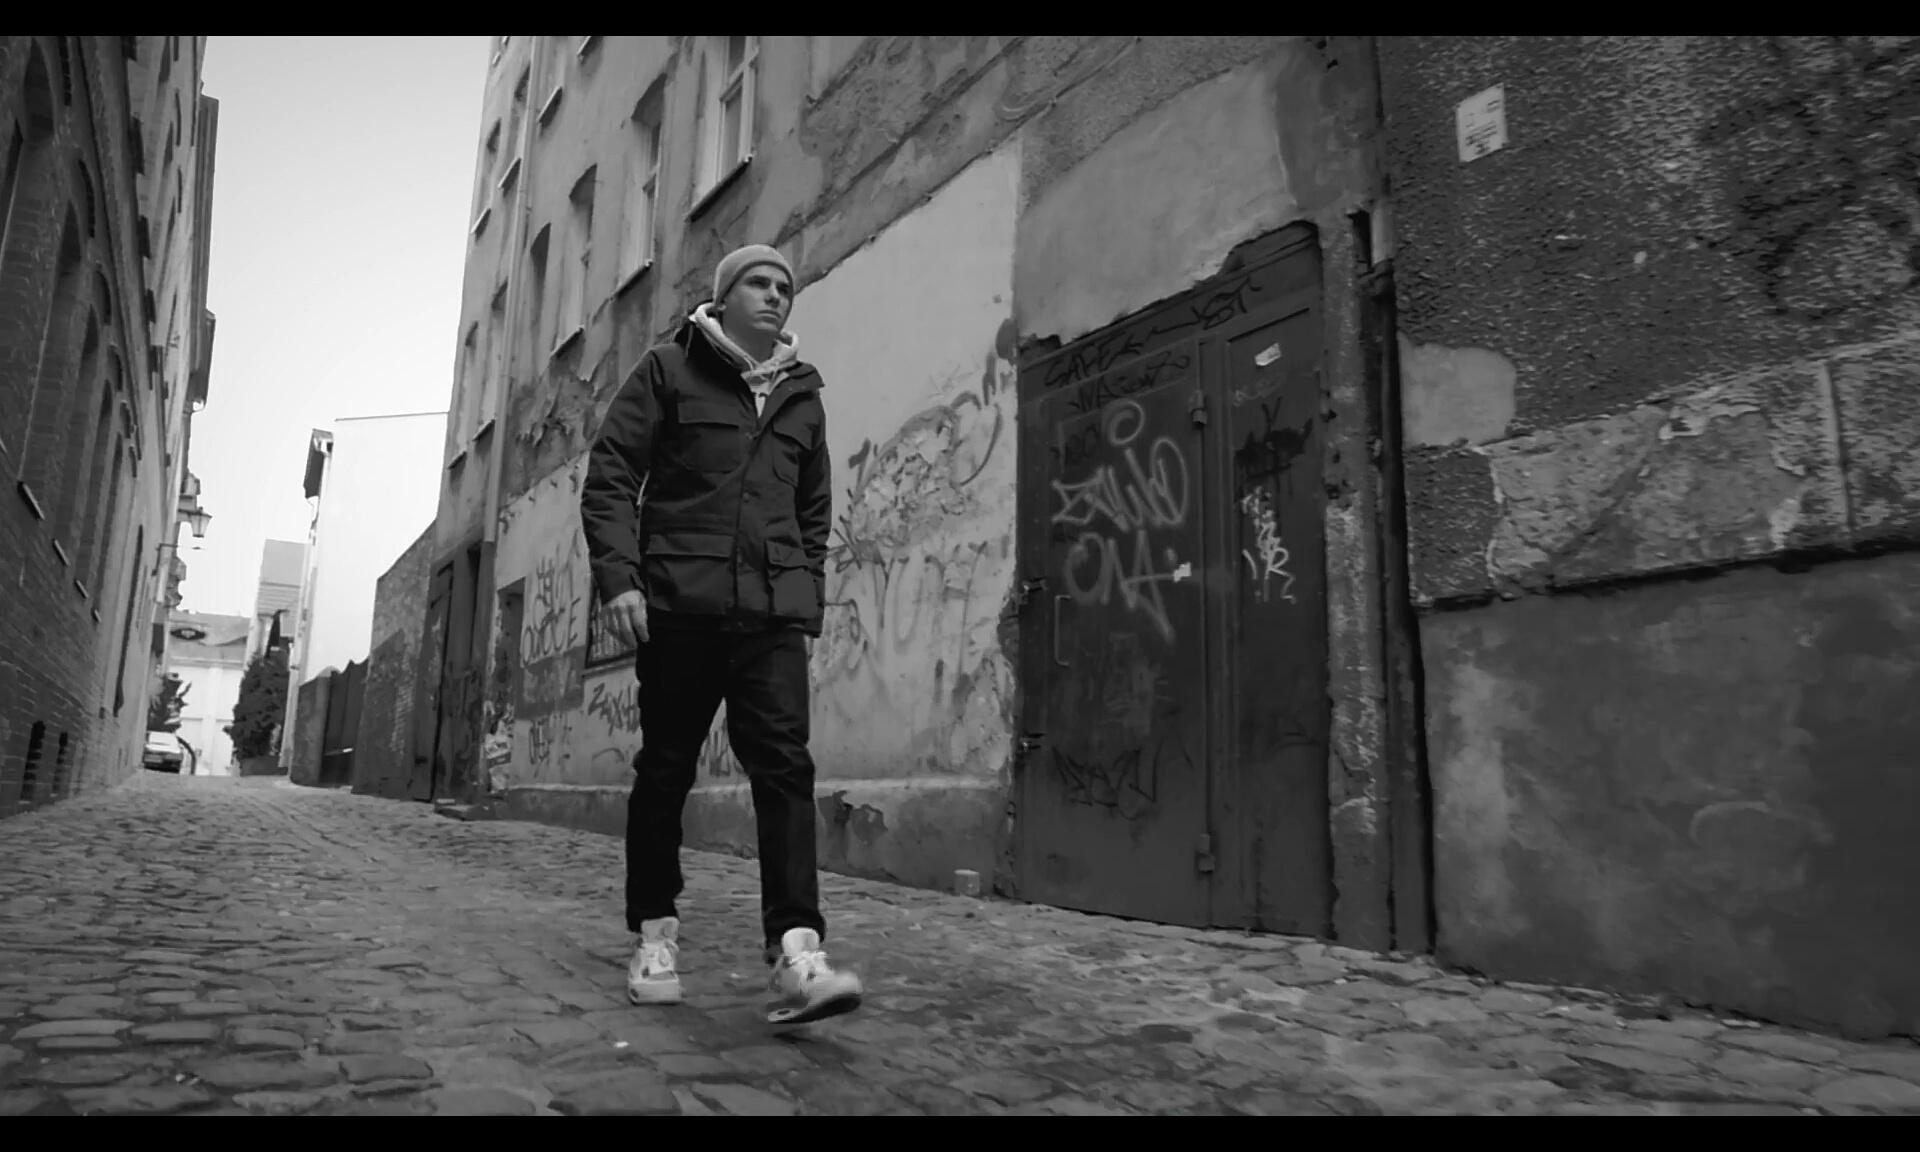 Oerbeatz (B.O.K) – Klucze do miasta feat. W.E.N.A., Dj Paulo